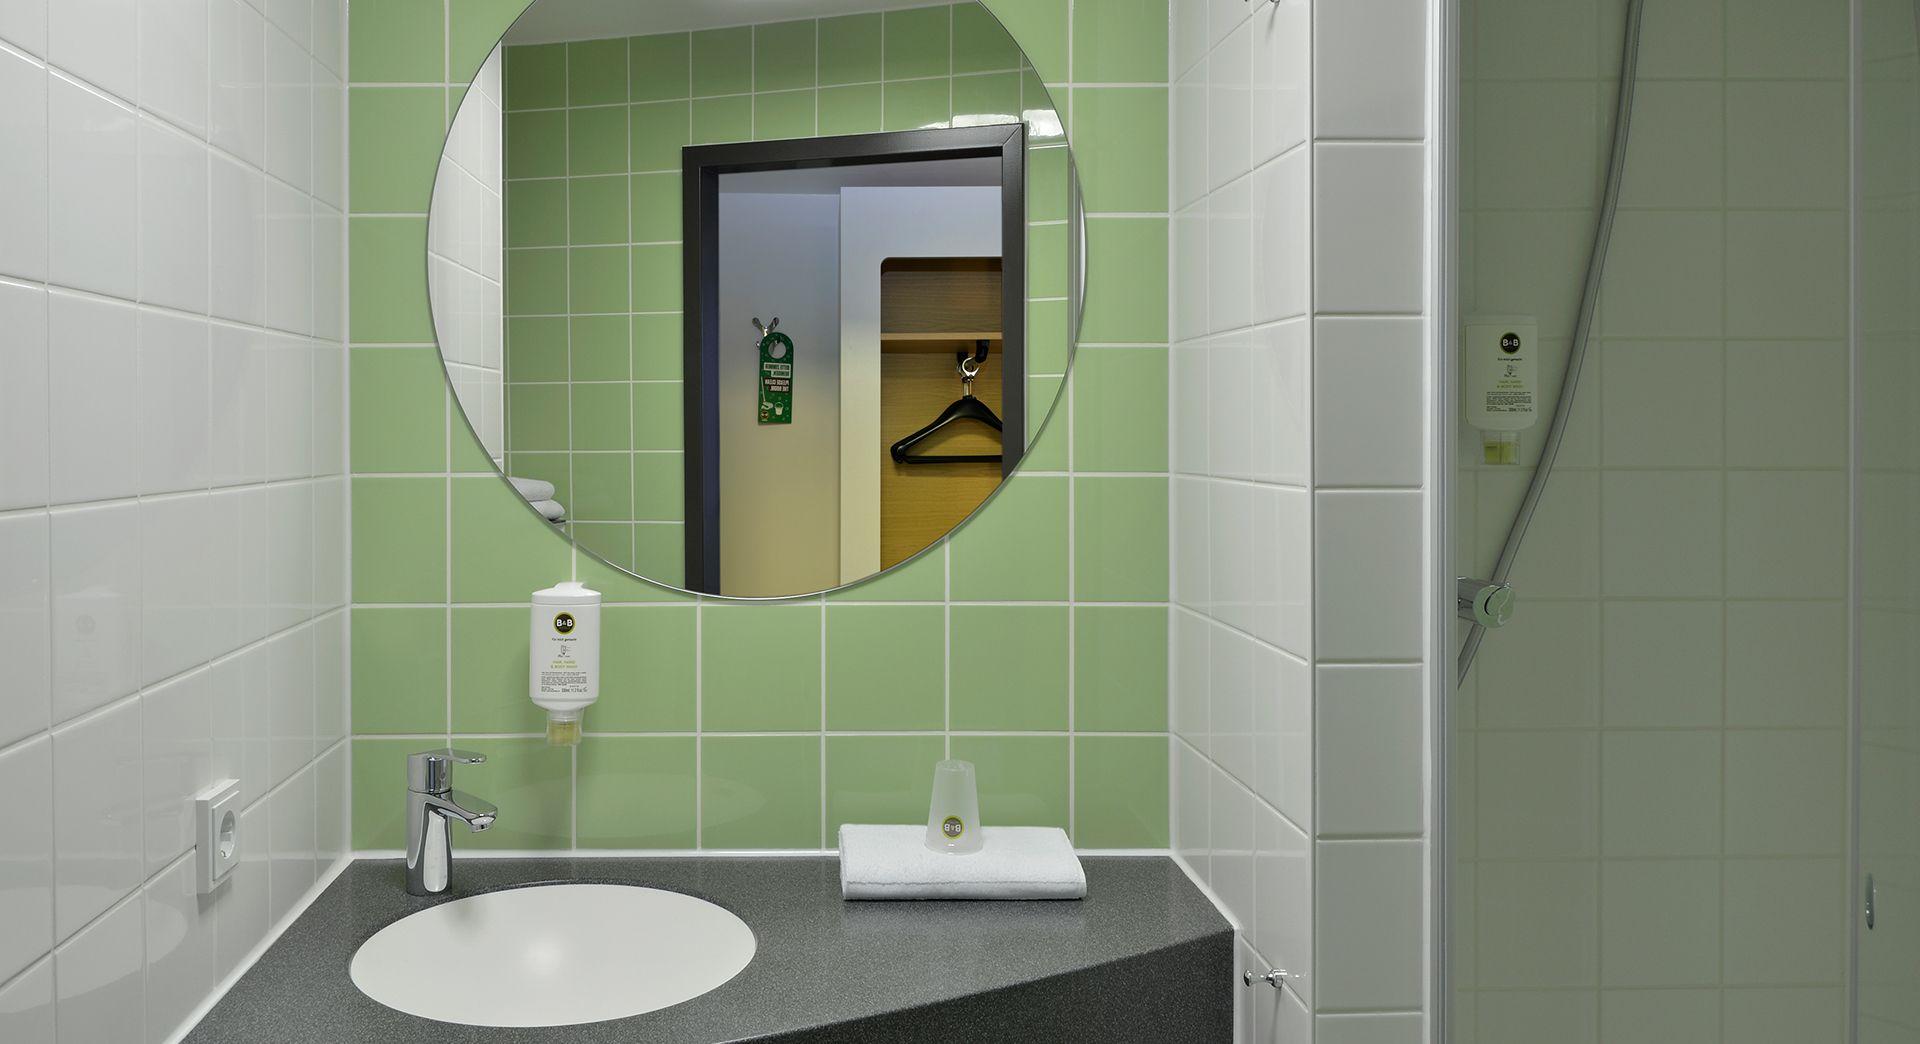 Fabulous Best Badezimmer osnabr ck ideas on Pinterest Sch ttler k che Nagell cher and Versteckte berwachungskameras